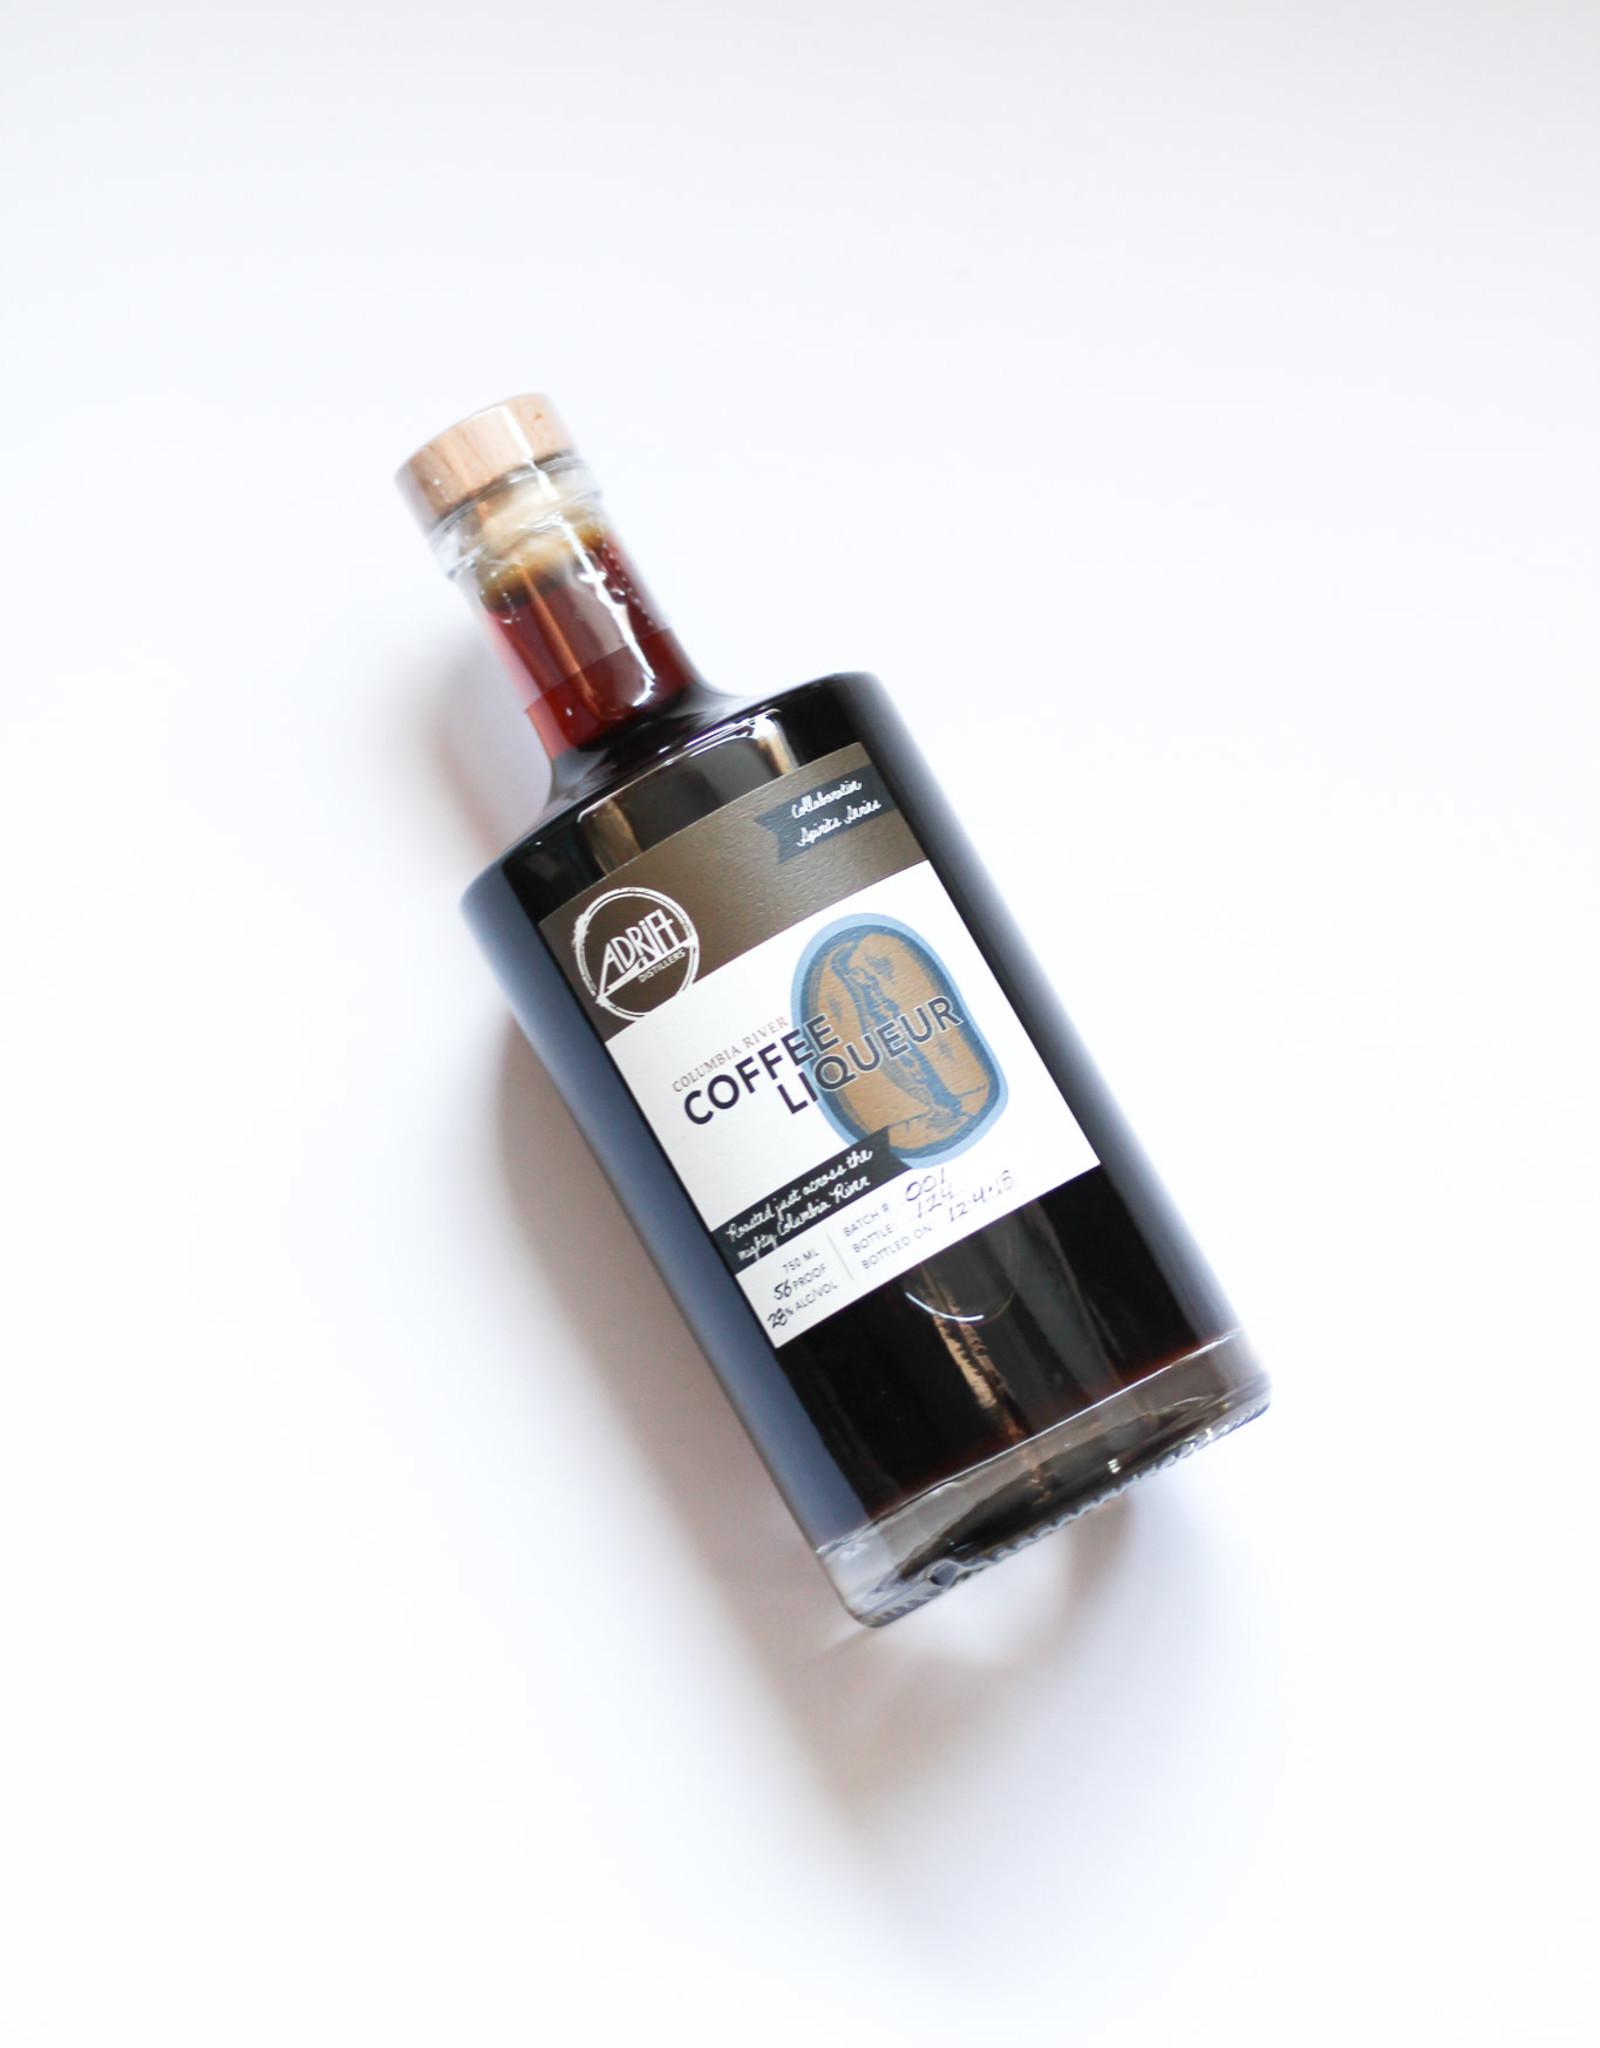 Adrift Distillers Columbia River Coffee Liqueur